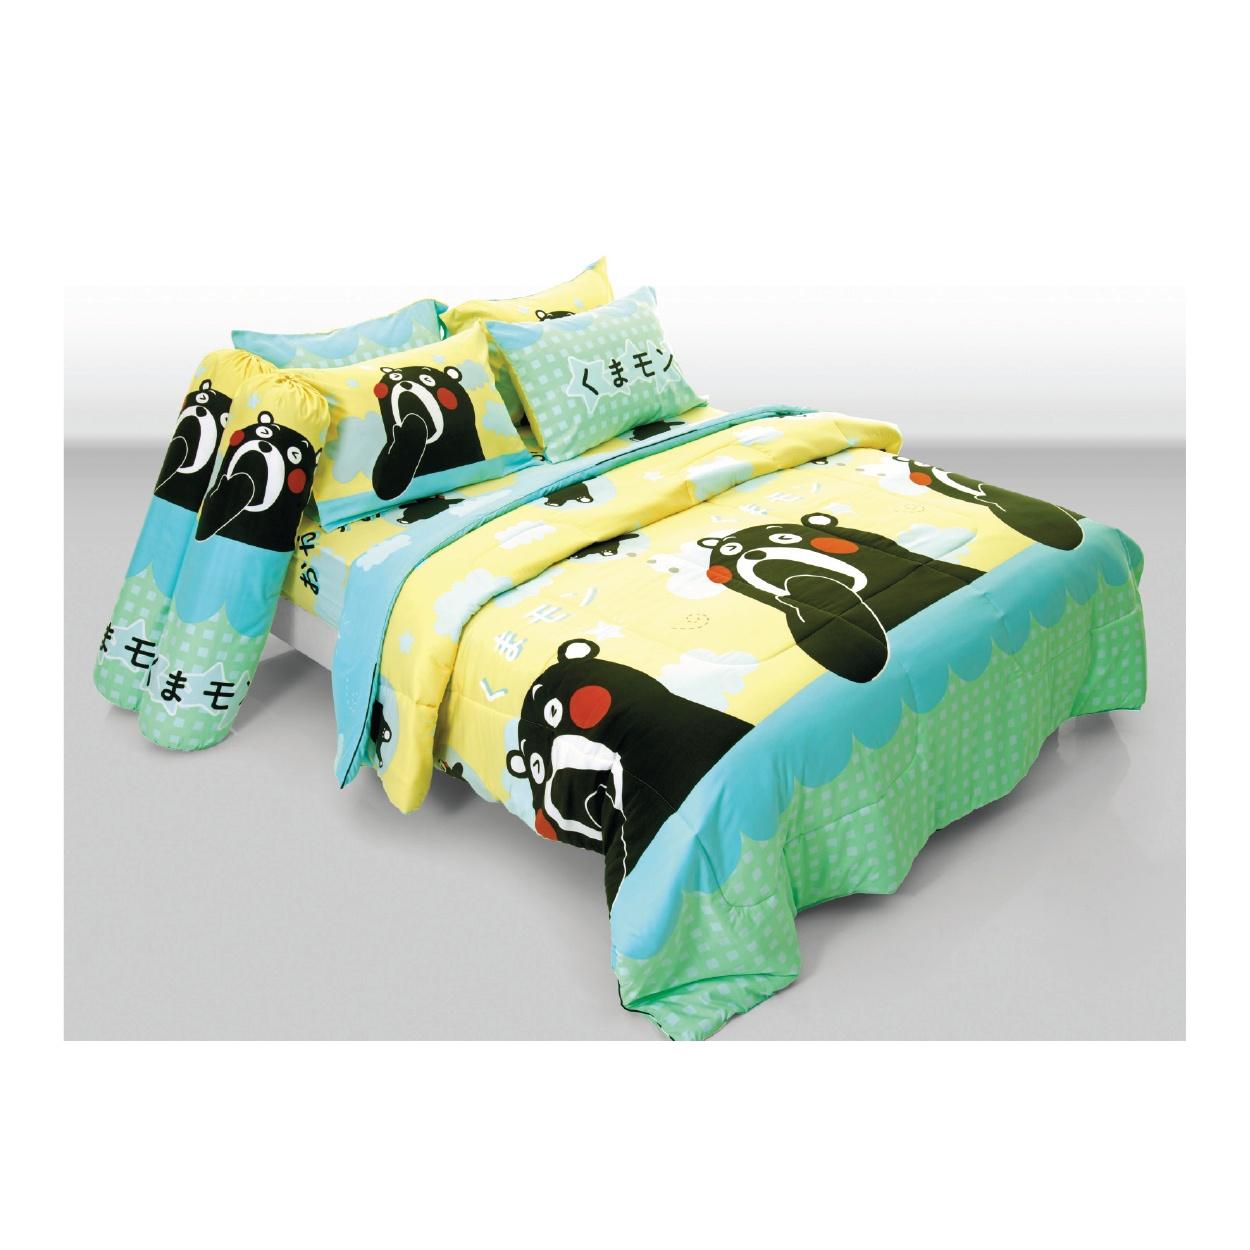 ชุดผ้าปูที่นอน ผ้าไมโครไฟเบอร์ ขนาด 5 ฟุต และ 6 ฟุต